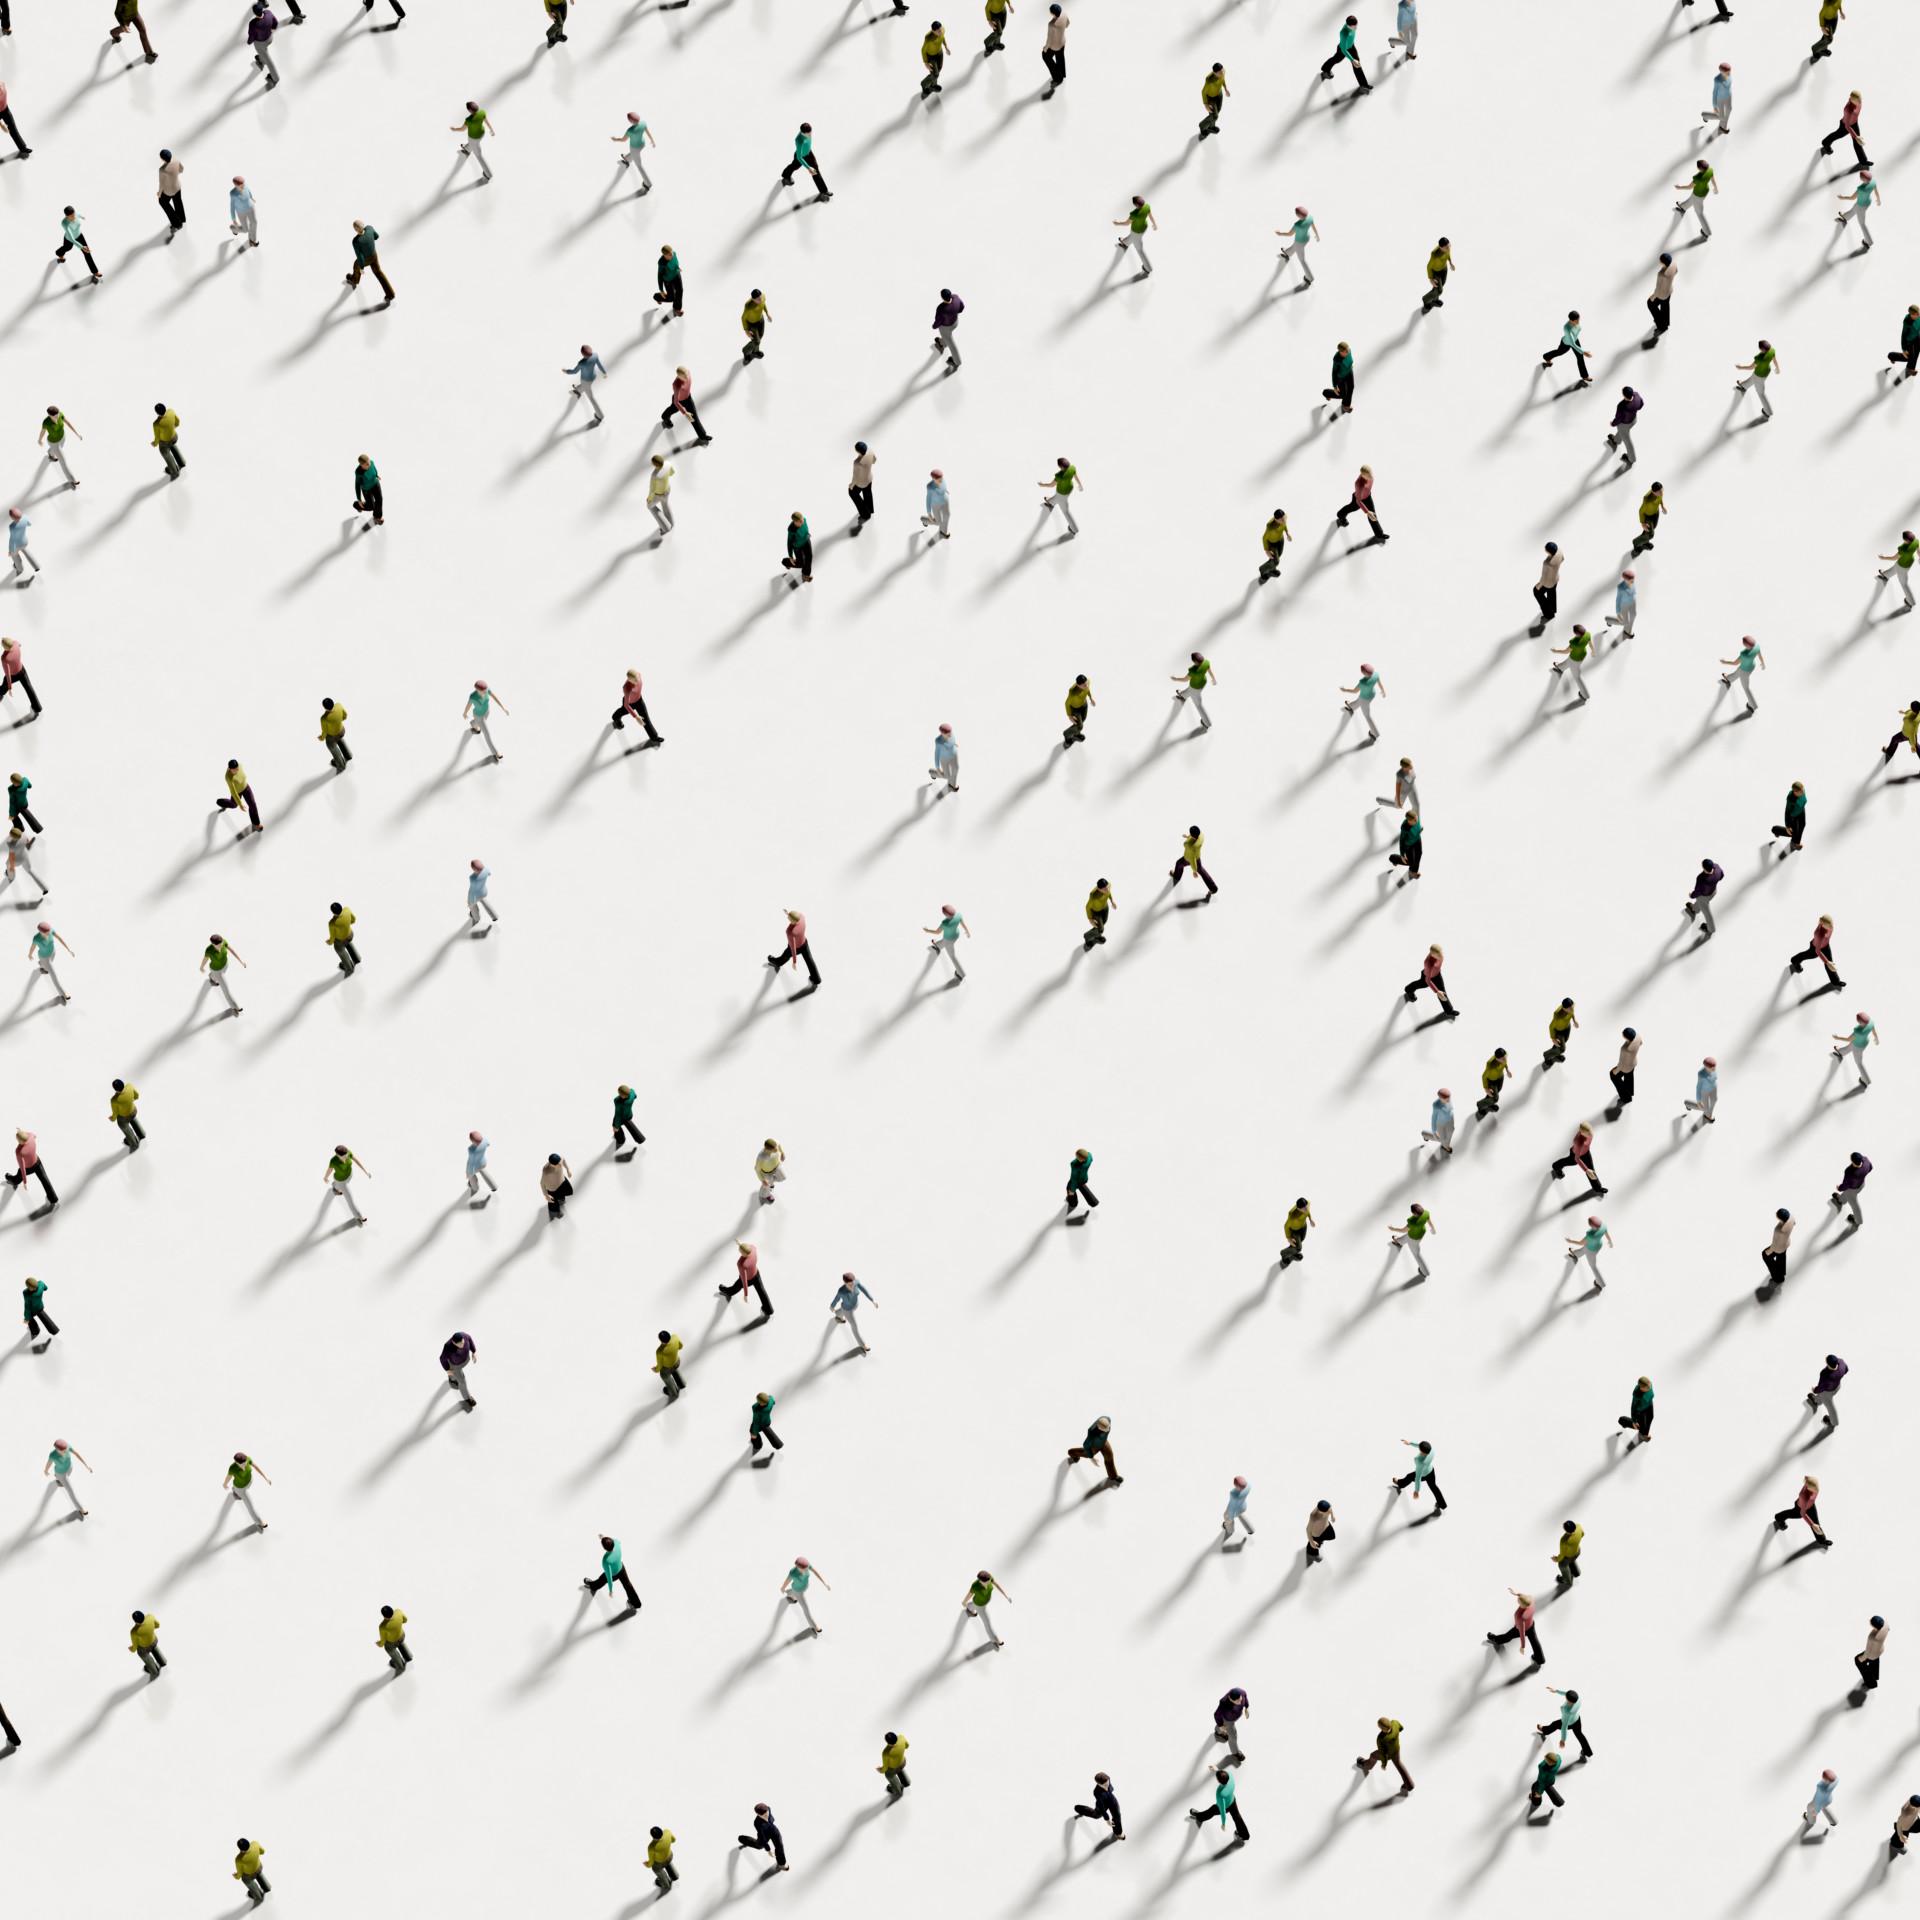 Menschen aus der Vogelperspektive